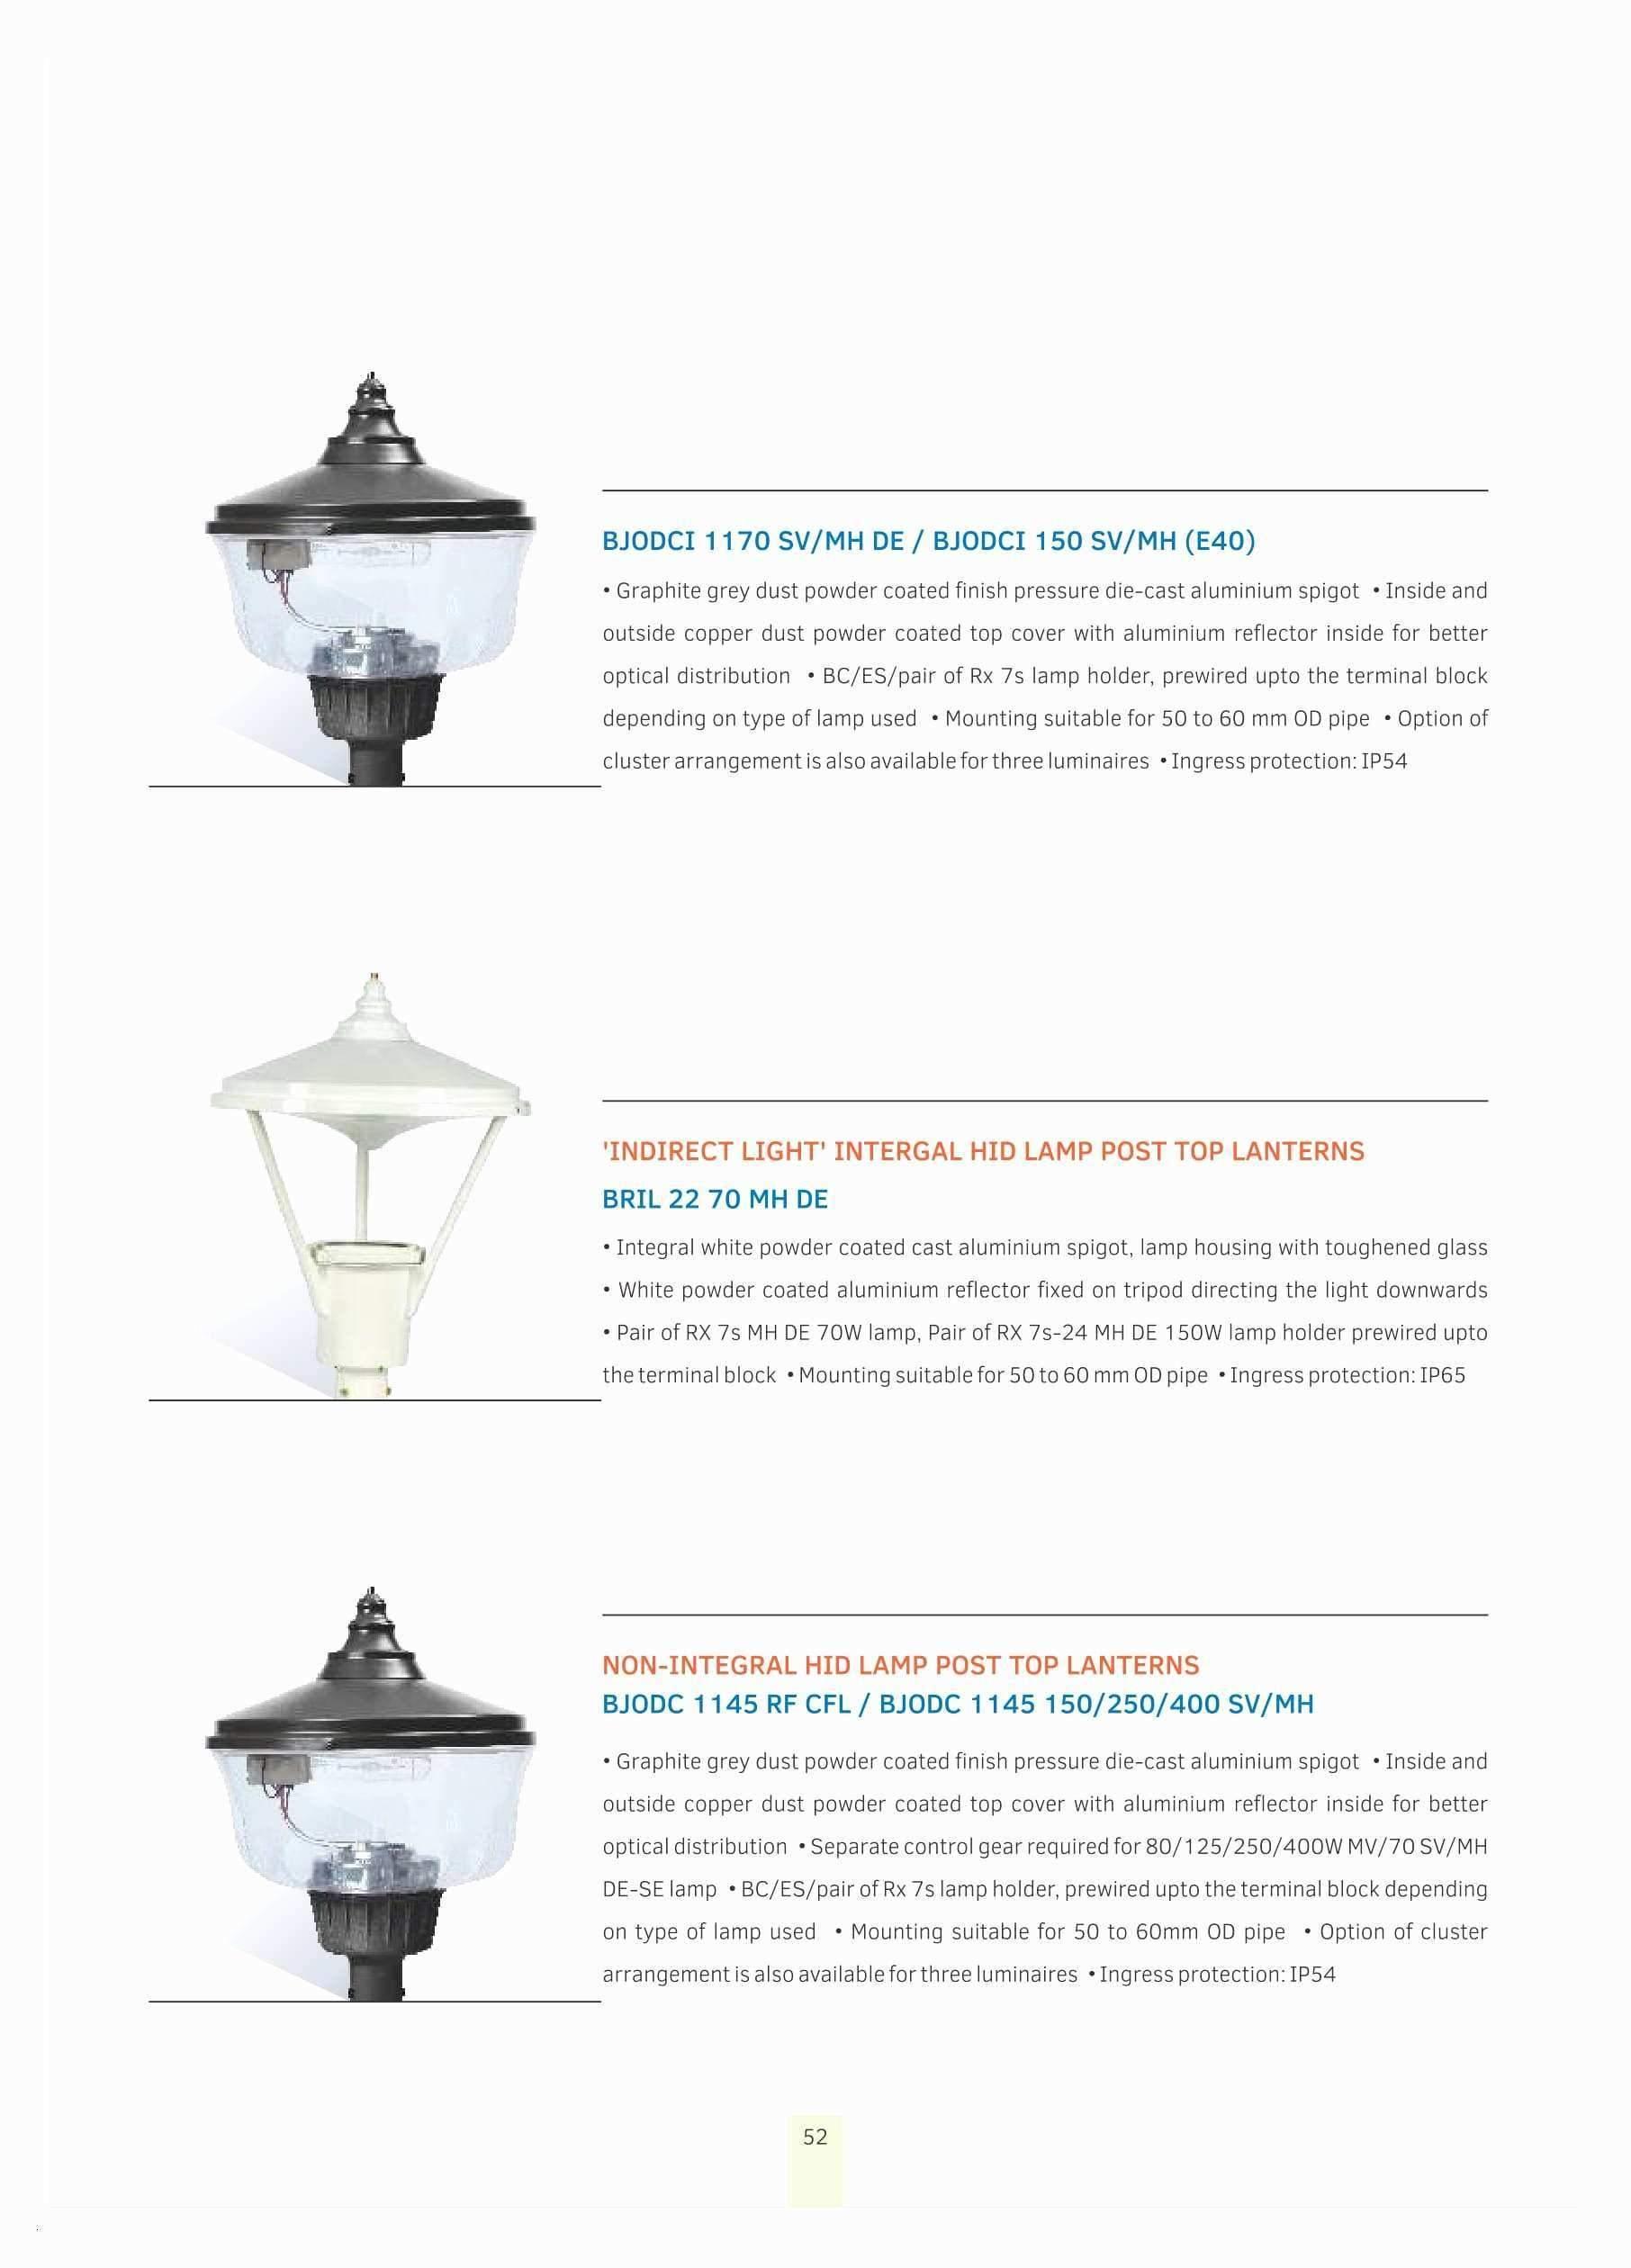 led lampe wohnzimmer genial wohnzimmer lampe led genial opal pipeline of led lampe wohnzimmer